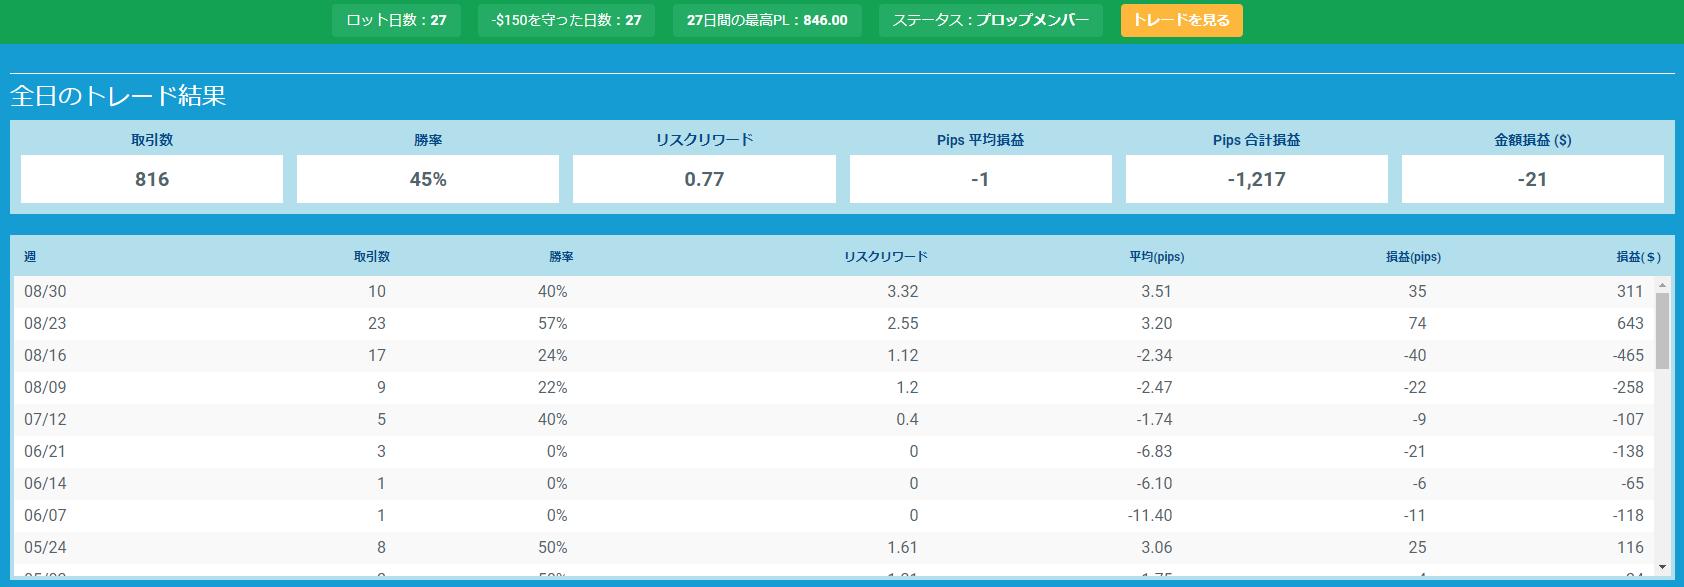 プロップトレーダーチャートTake3